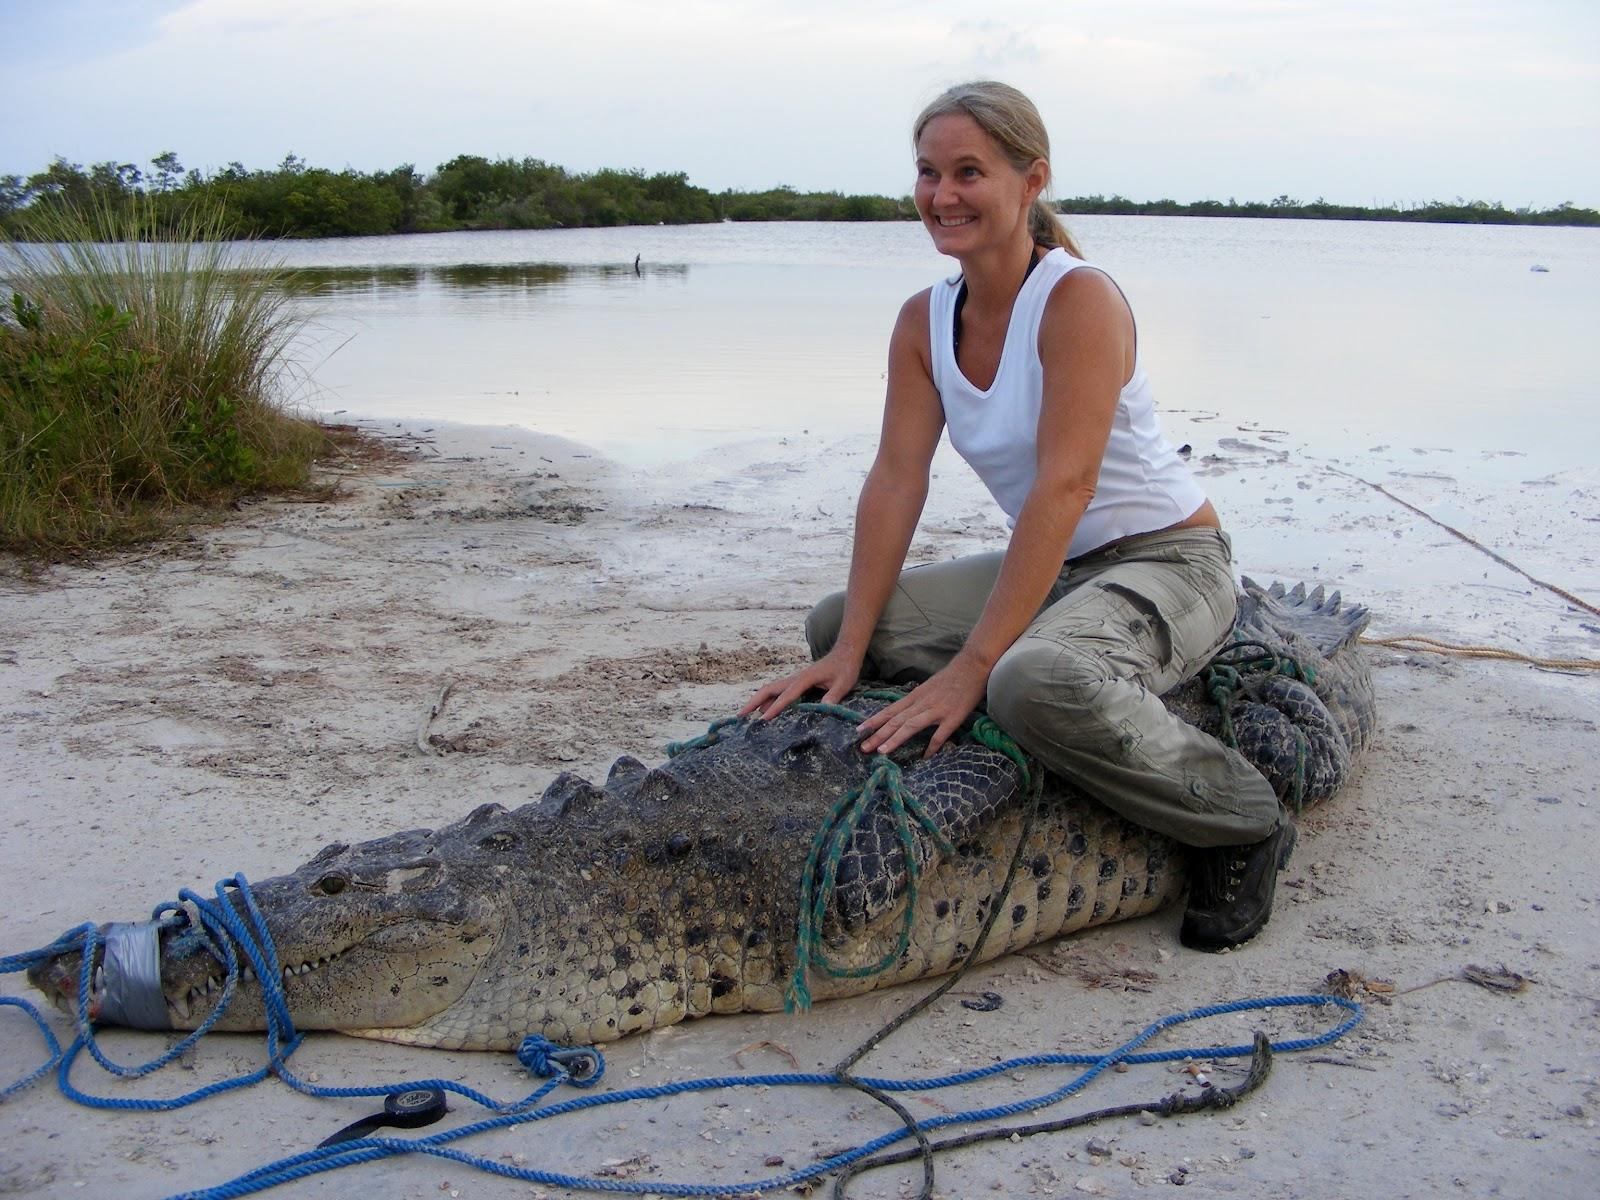 http://1.bp.blogspot.com/-RqhAd41zxhk/T6Uta7cwEWI/AAAAAAAAB_Q/71t5x04-tco/s1600/Cherie+and+croc.jpg